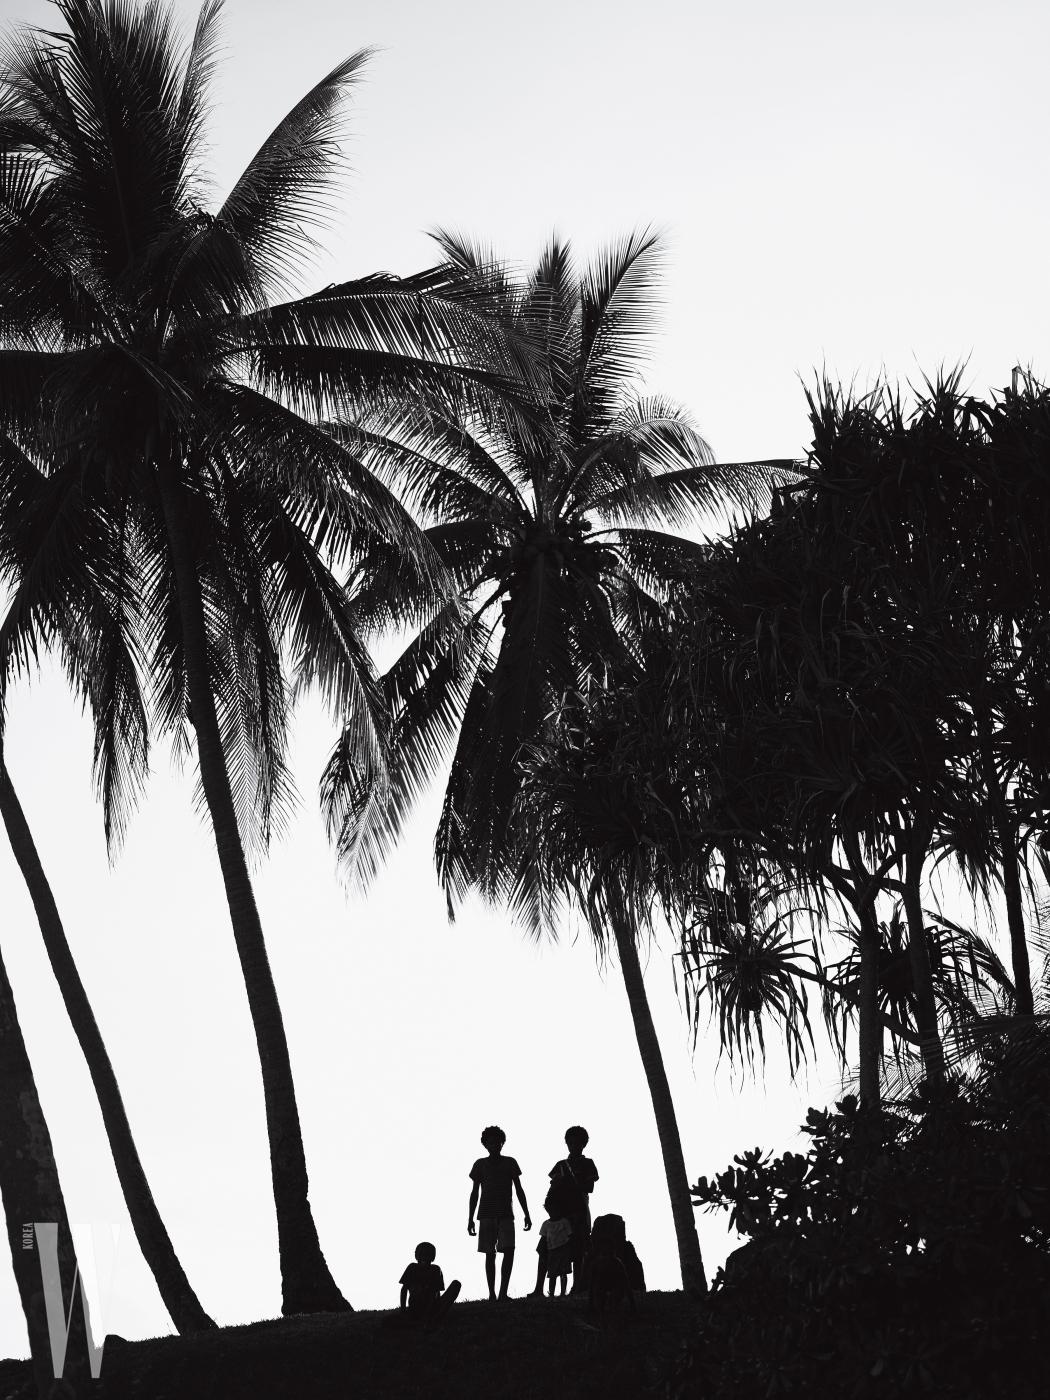 요크섬(Duke of York Island)에 줄지어 있던 야자수들. 이 아름다운 풍경의 이면에는 키 높은 나무가 태평양 전쟁 당시 교수형을 치를 때 줄을 매다는 용도로도 쓰였다는 뒷이야기가 있다